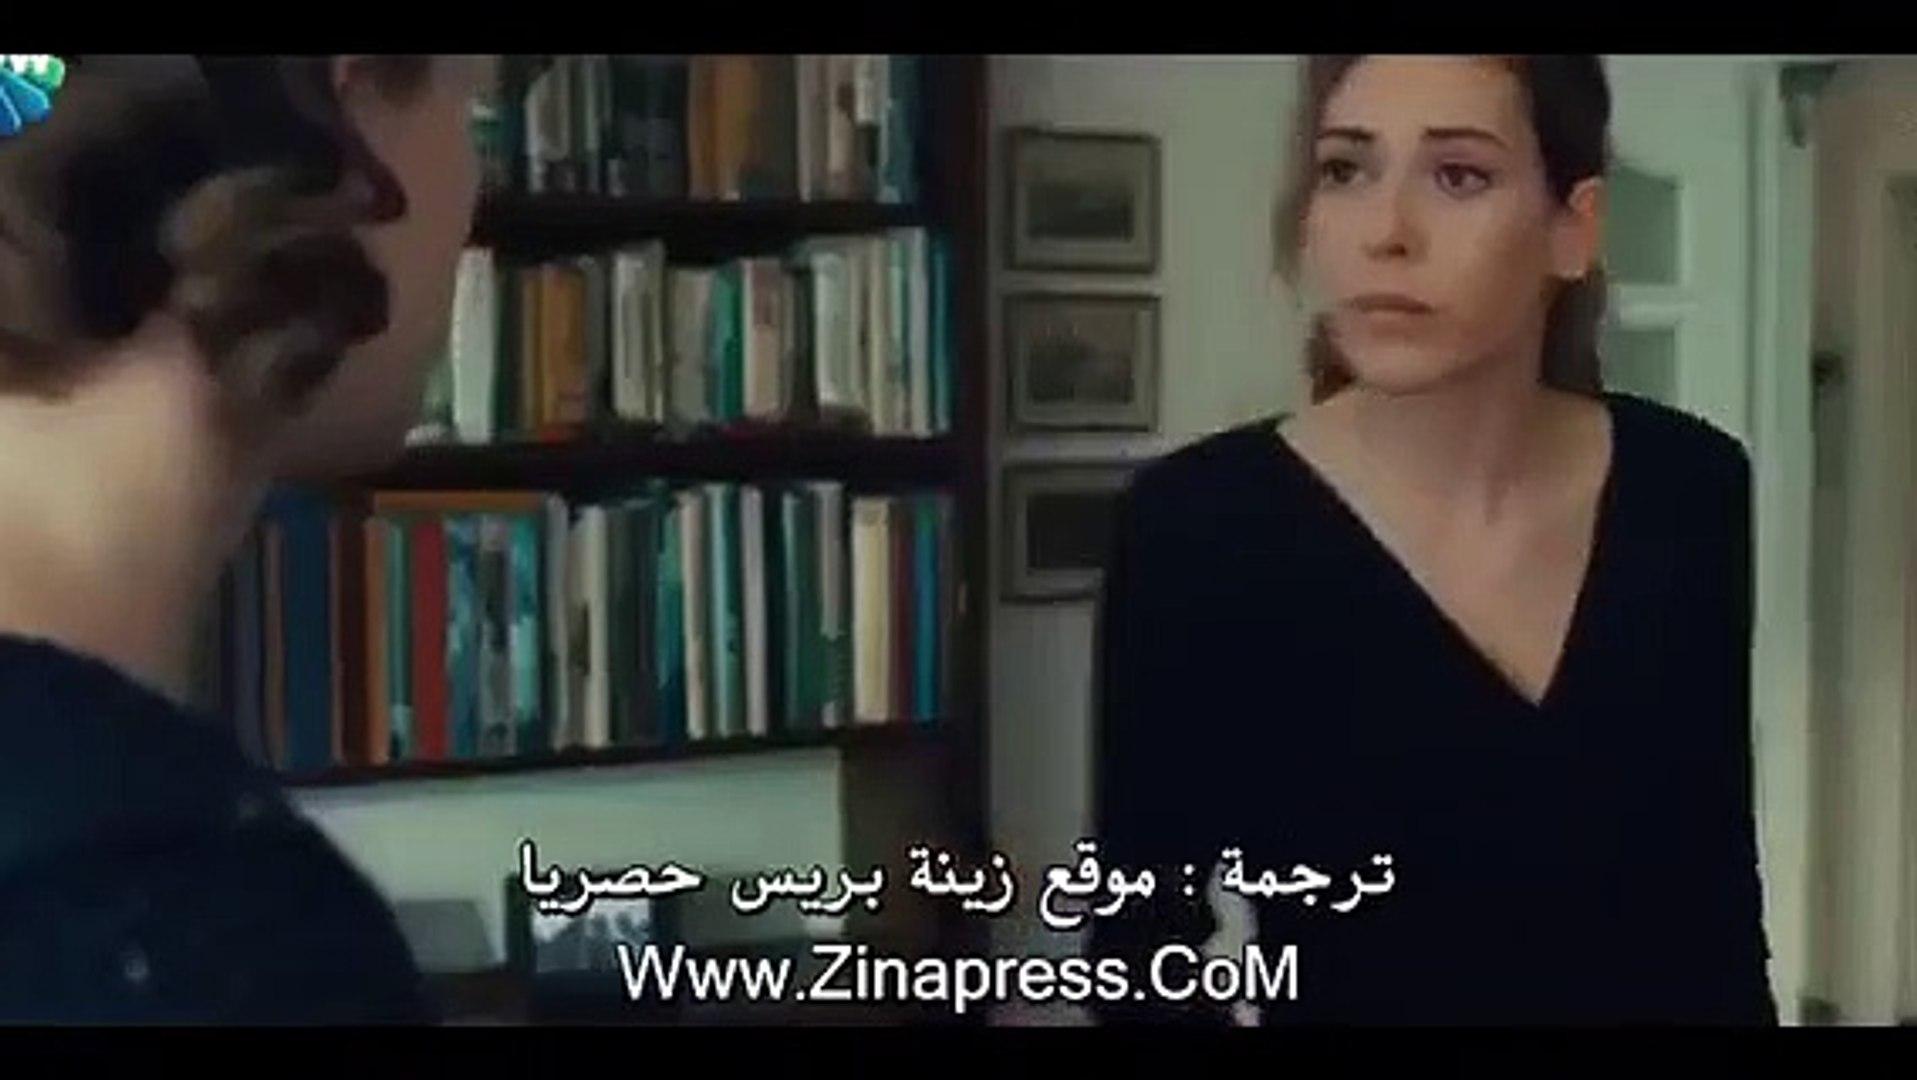 مسلسل وجها لوجه الحلقة 2 قسم 3 مترجم للعربية